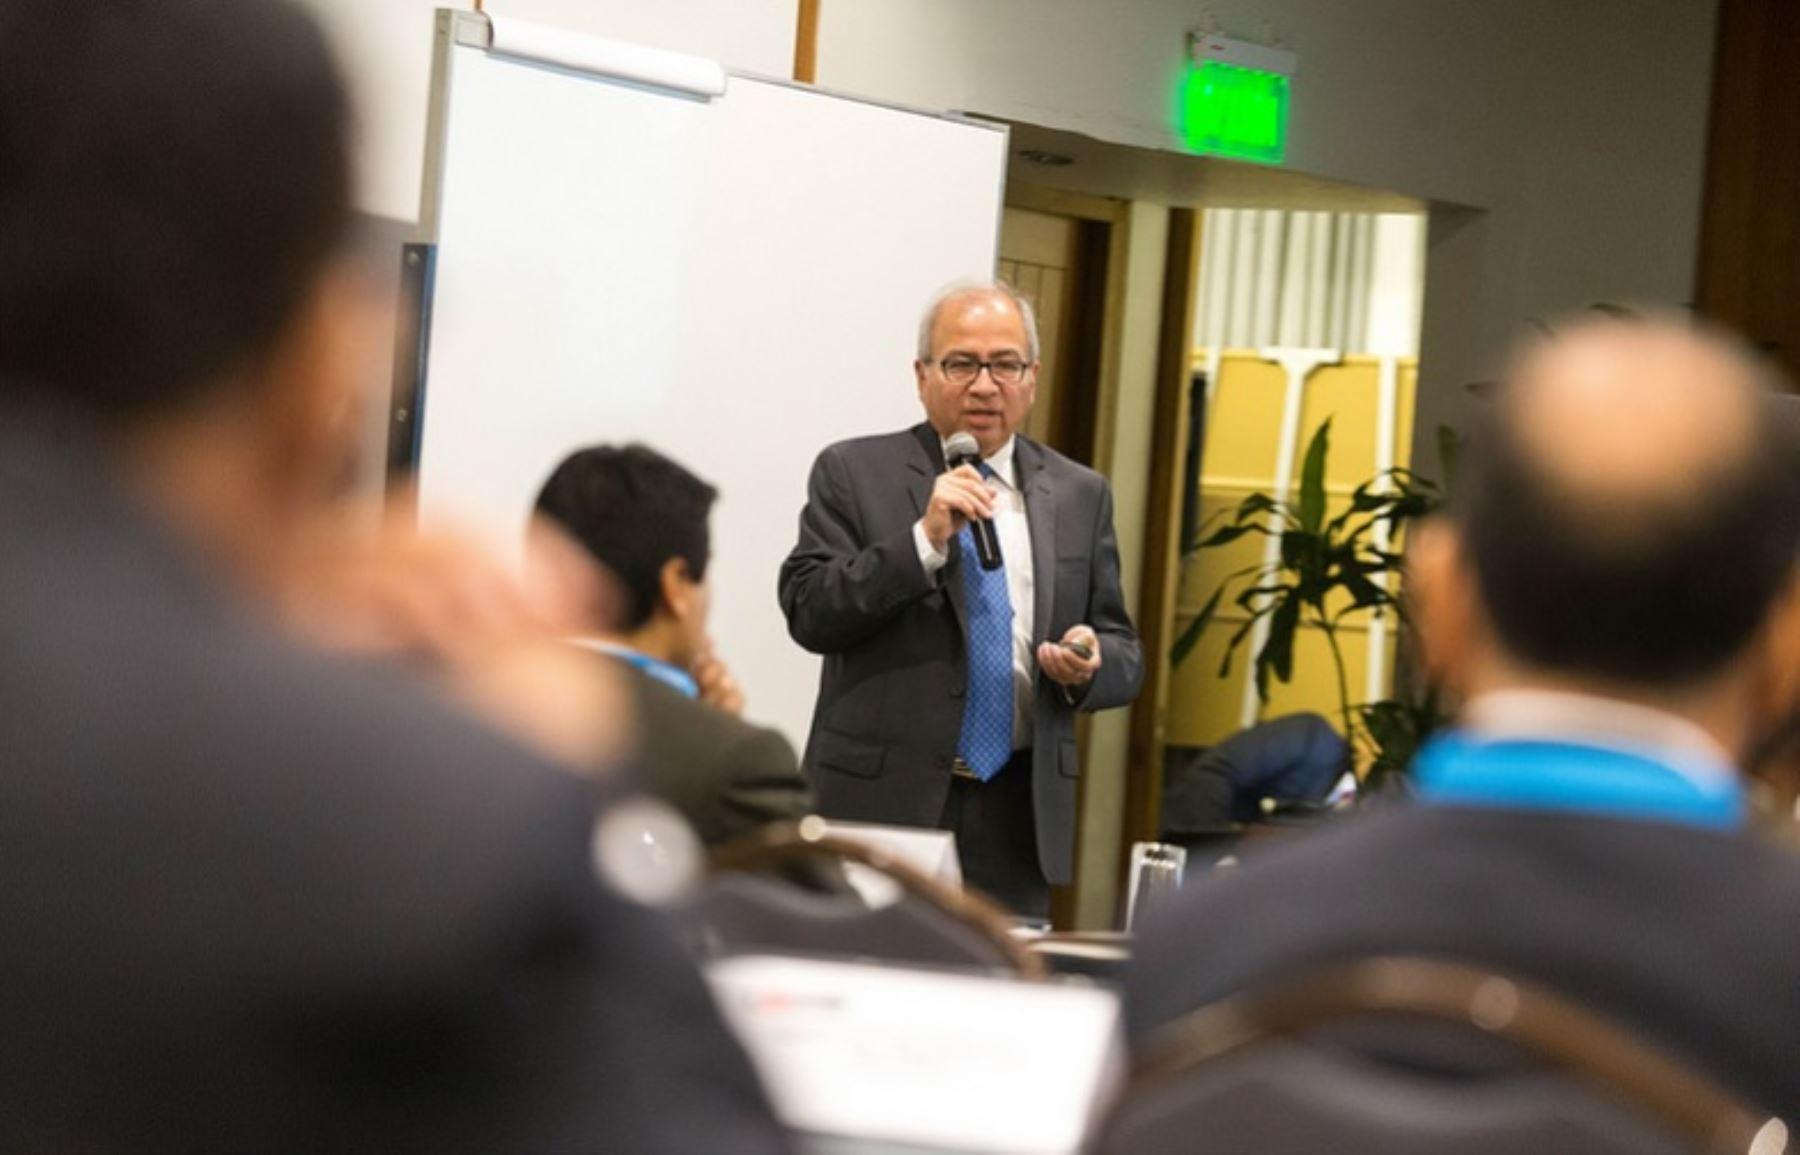 Viceministro de Comunicaciones, Carlos Valdez, durante su presentación en la Comisión Intergubernamental del sector Transportes y Comunicaciones en materia de Telecomunicaciones.